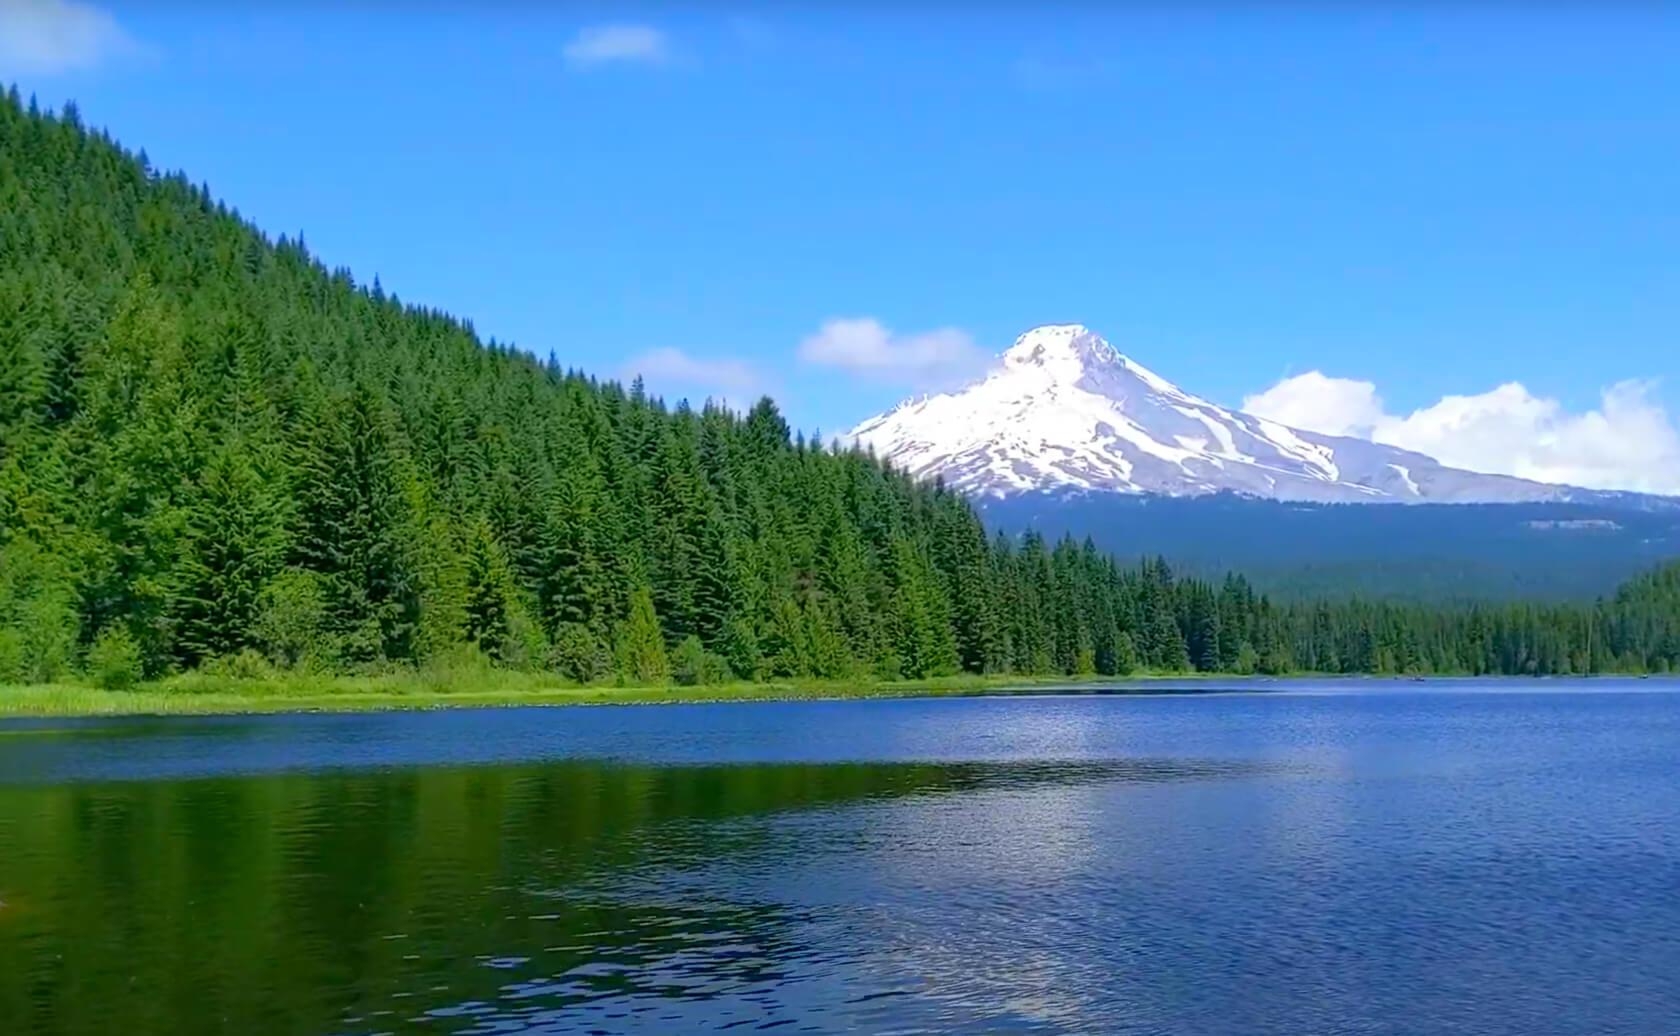 Trillium-Lake-fishing-guide-report-Oregon-02